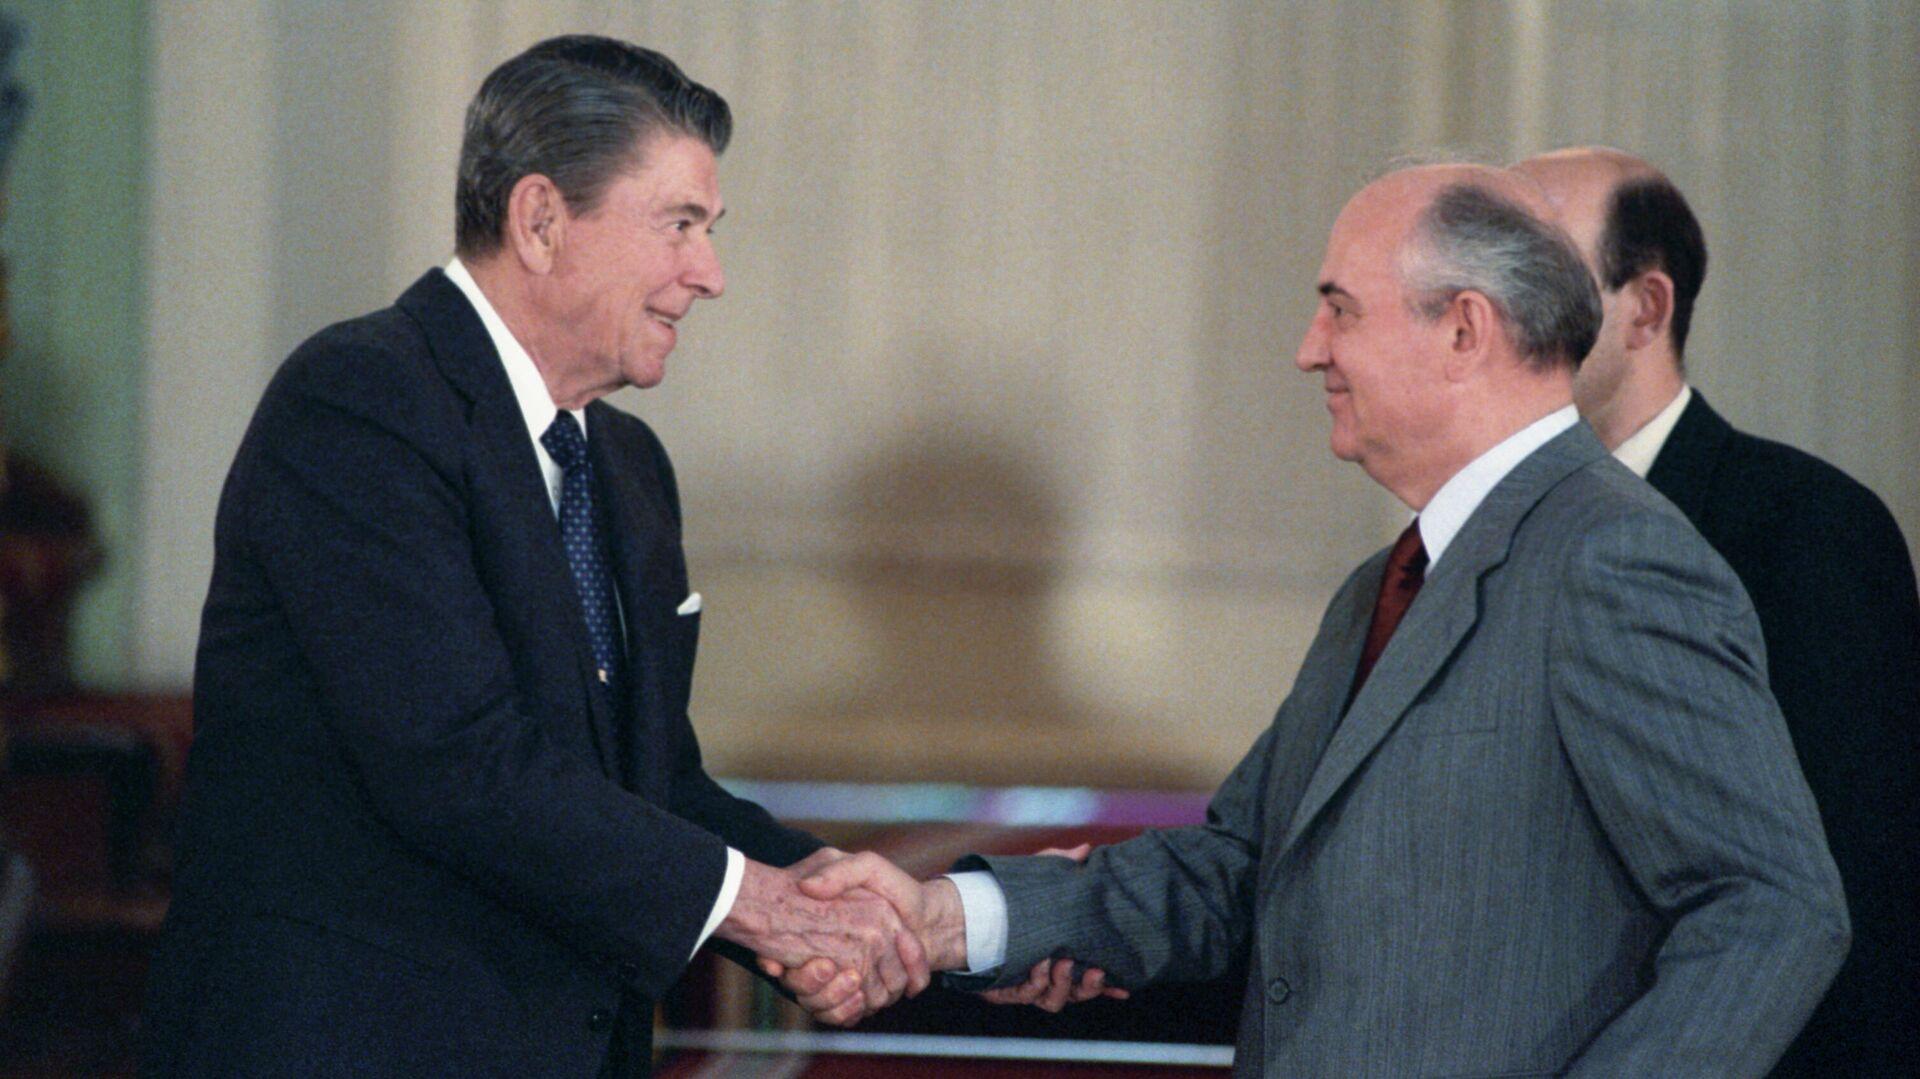 Mosca, 31 maggio 1988: stretta di mano tra Reagan e Gorbachev - Sputnik Italia, 1920, 25.05.2021